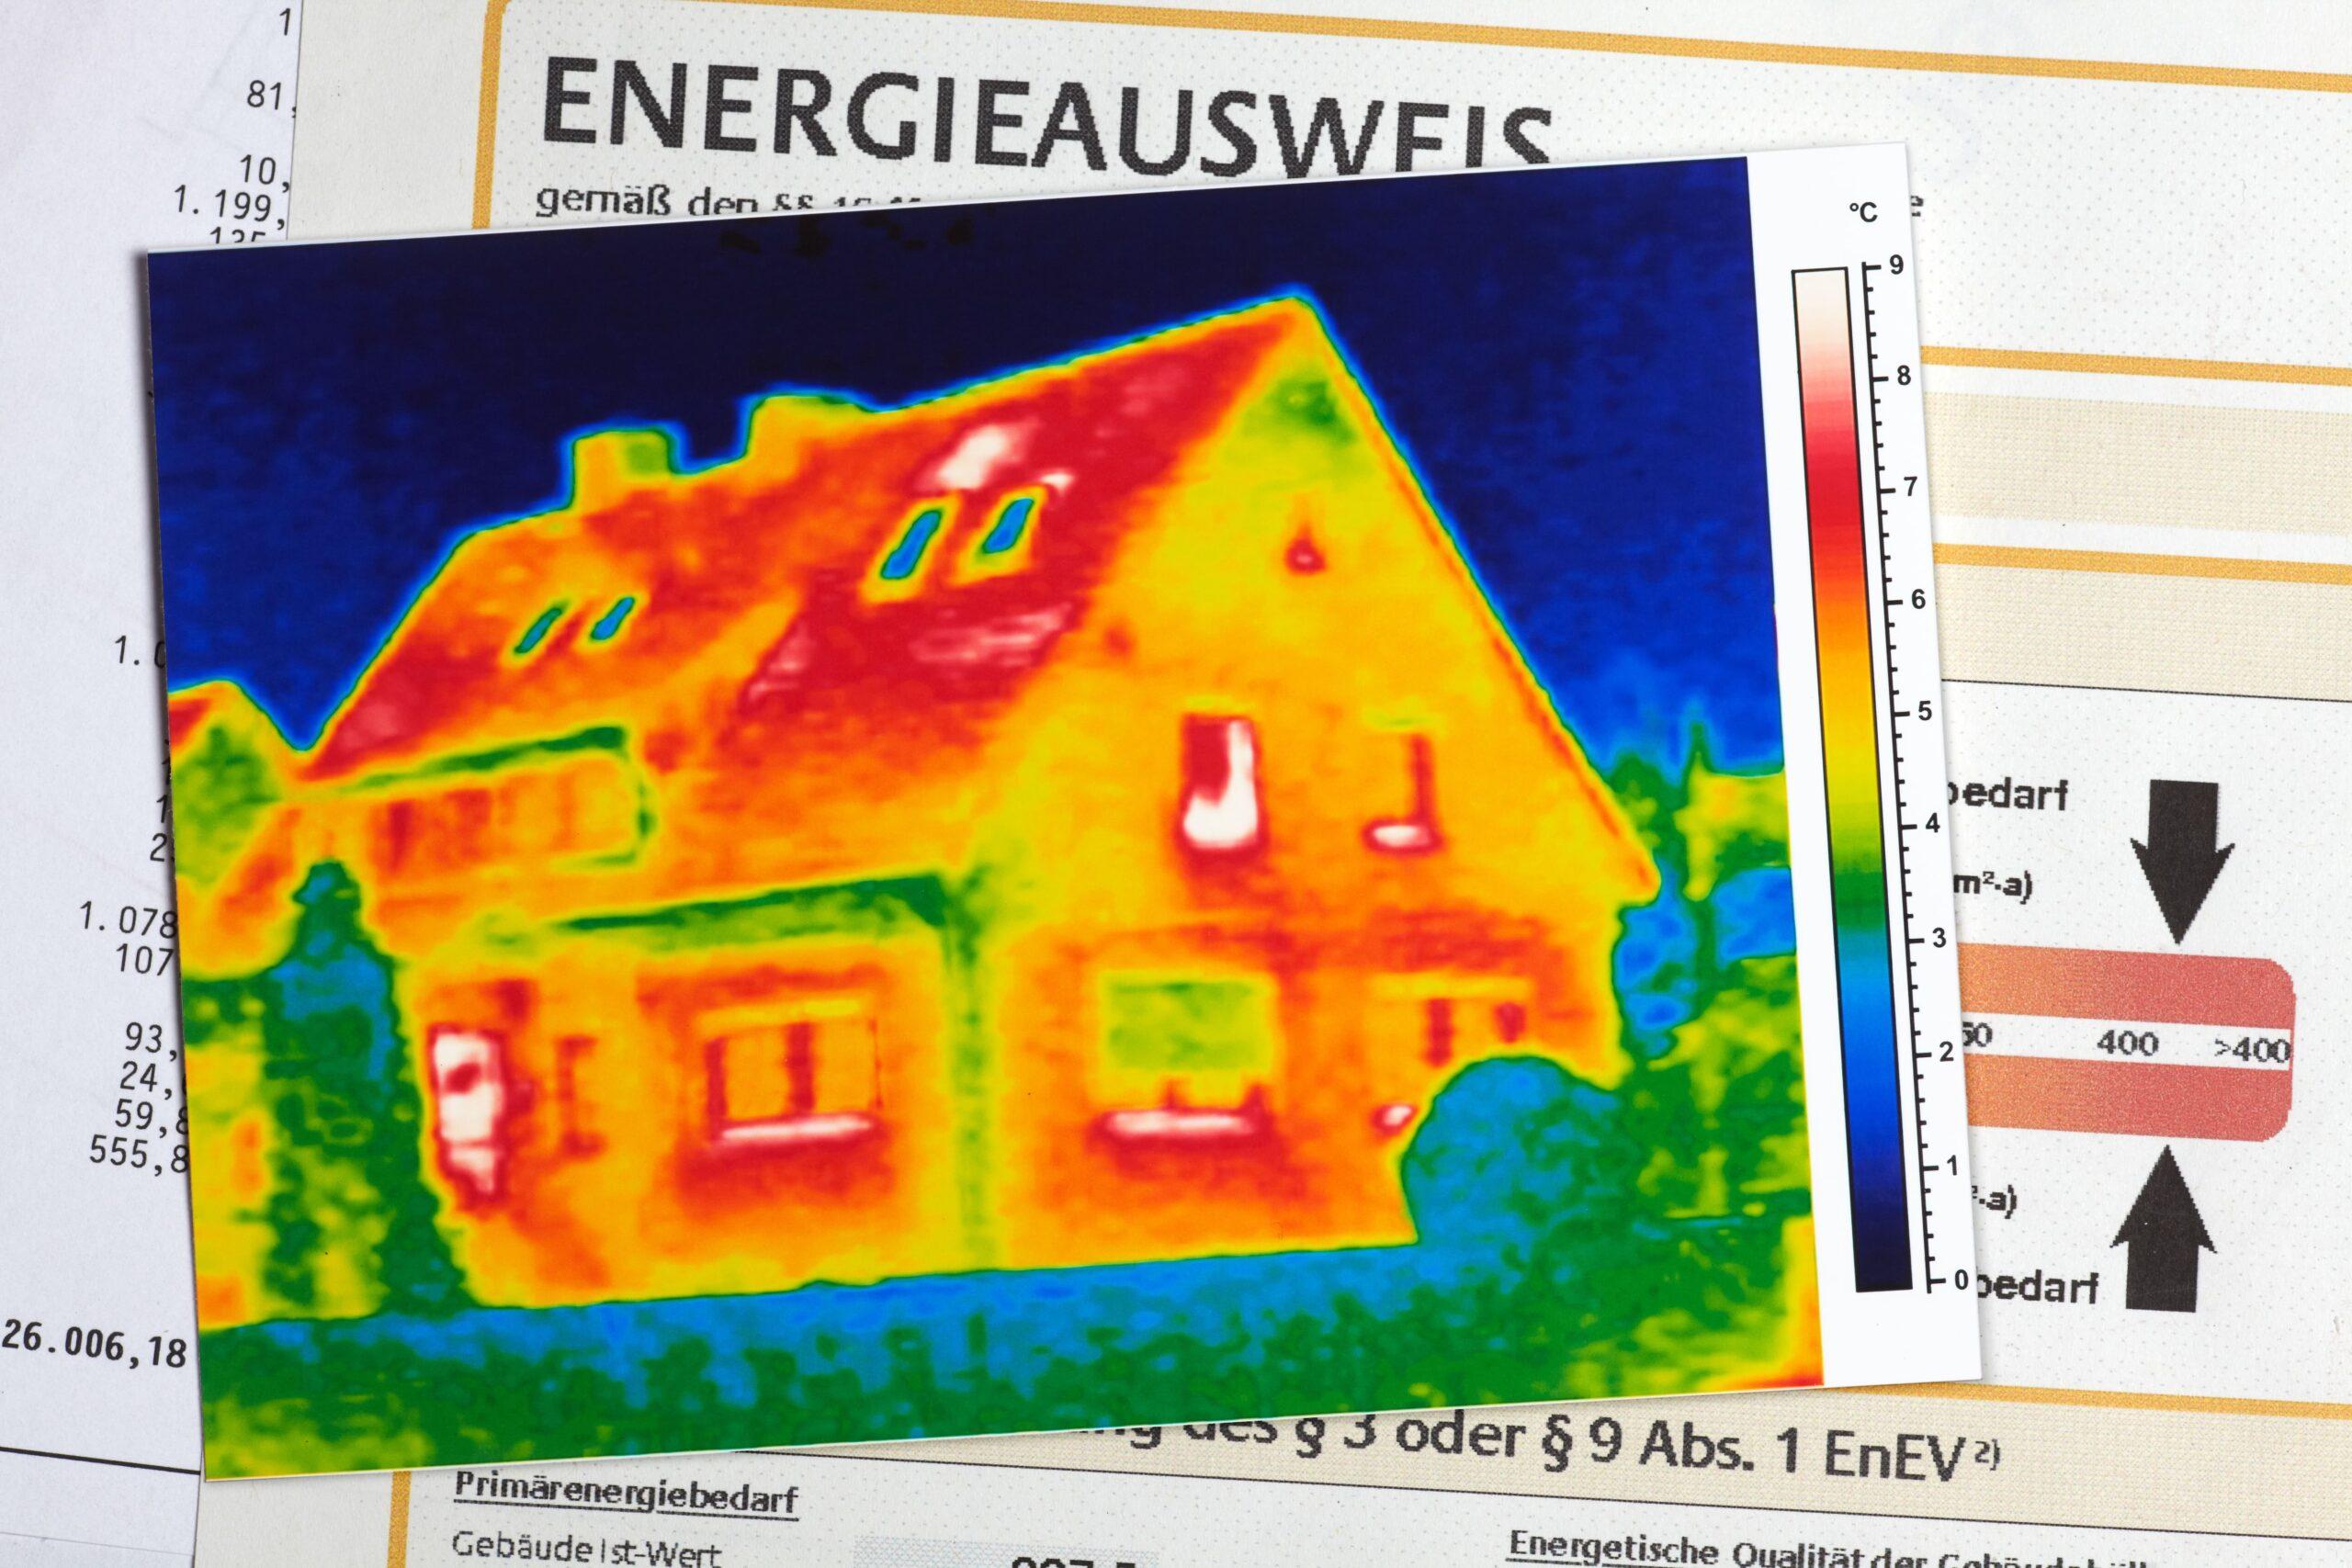 Thermografie einer ineffizienten Gebäudehülle auf einem Energieausweis liegend, der einen hohen Energiebedarf anzeigt